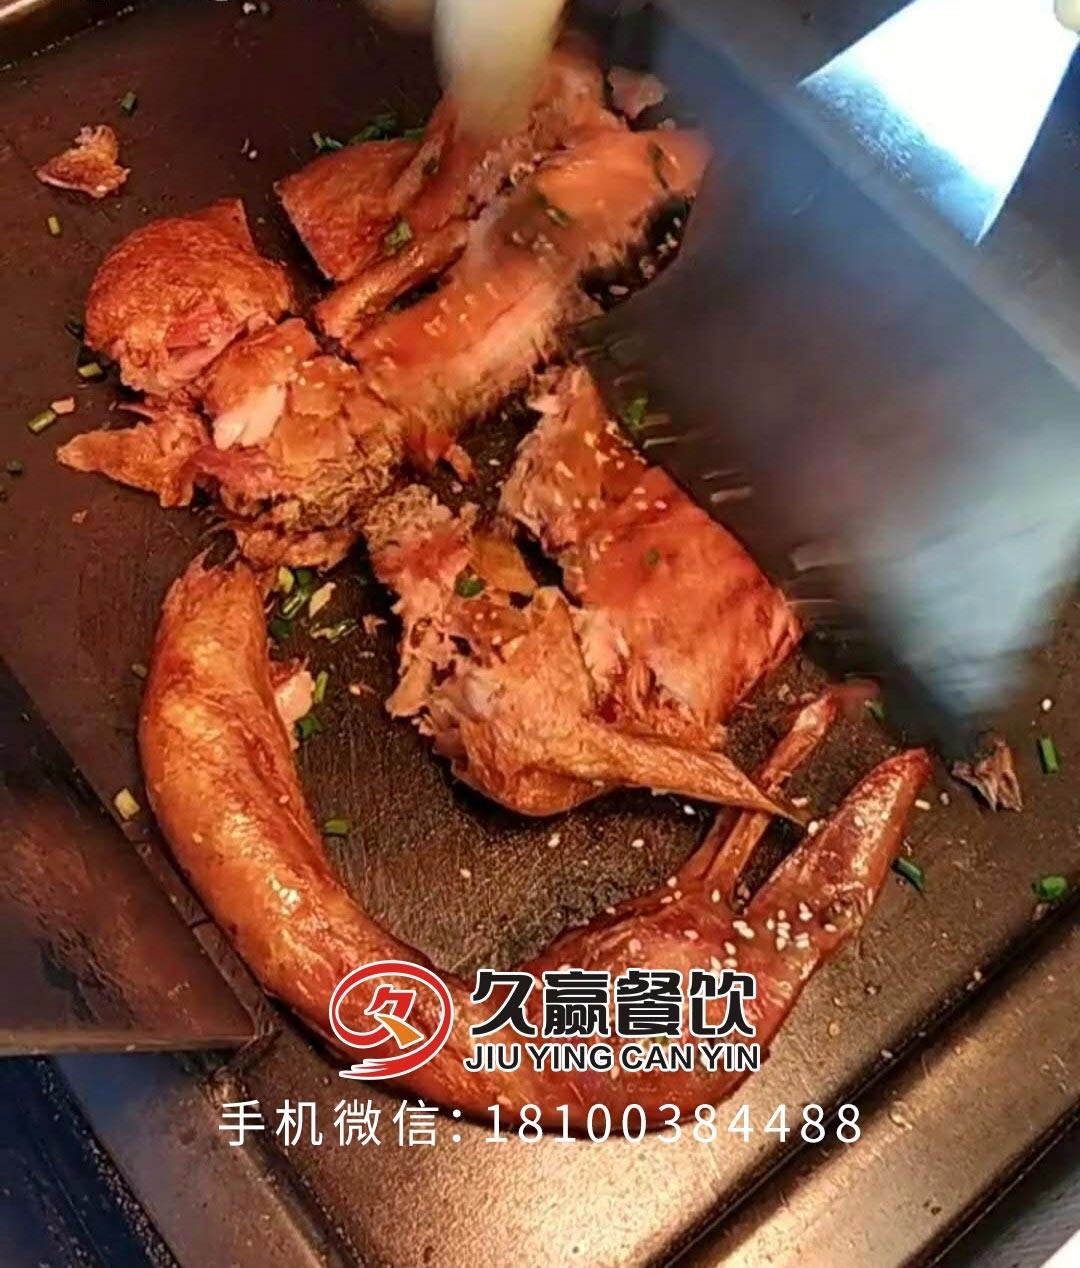 加盟铁板鸭烤鸭:宁夏嘴嘴香当前火爆小吃